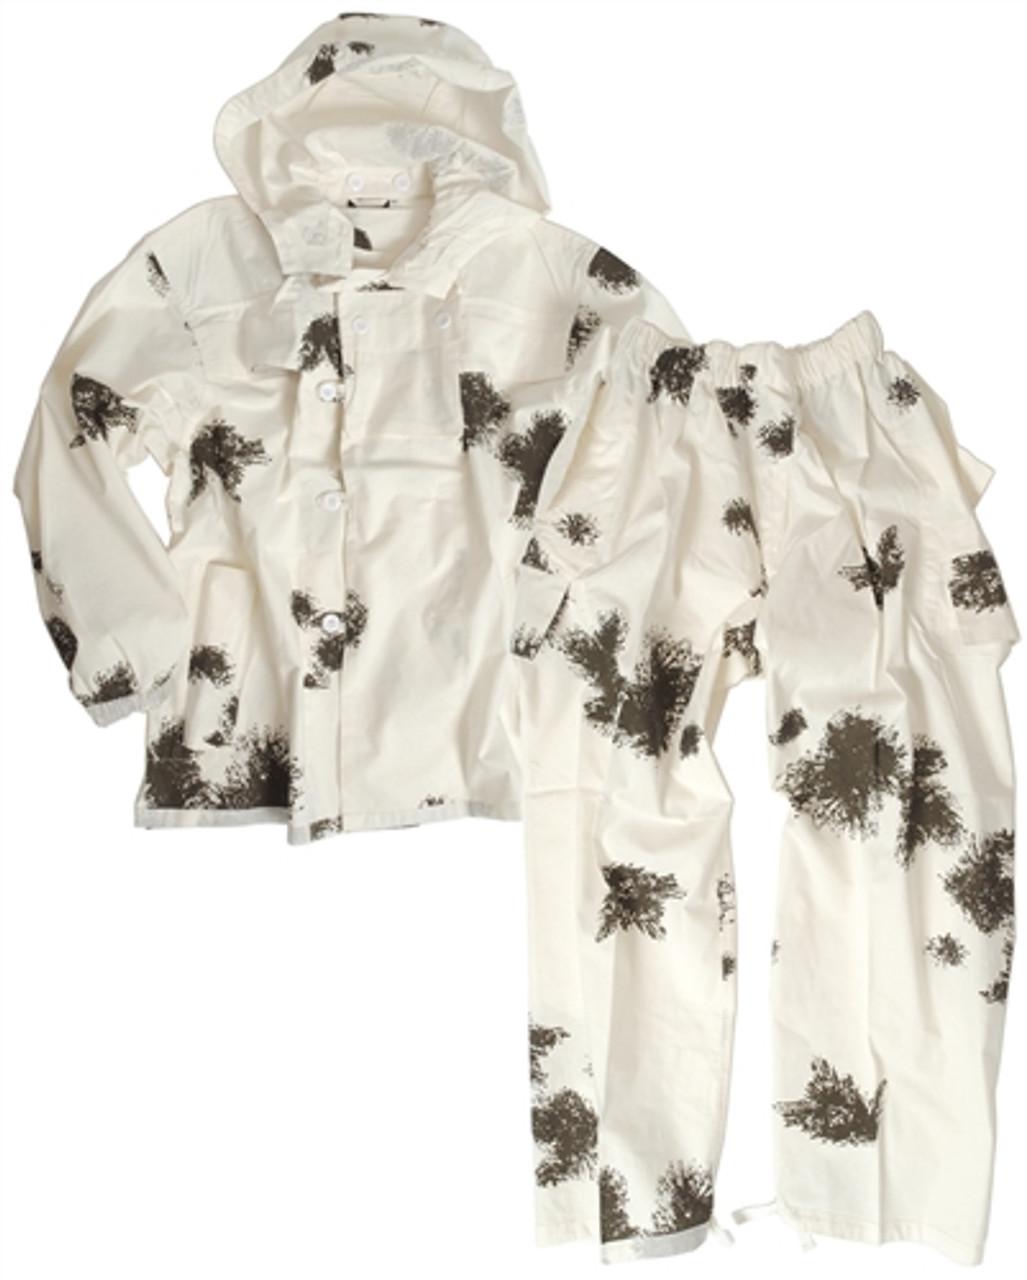 German 2 Piece Snow Camo Suit  from Hessen Surplus